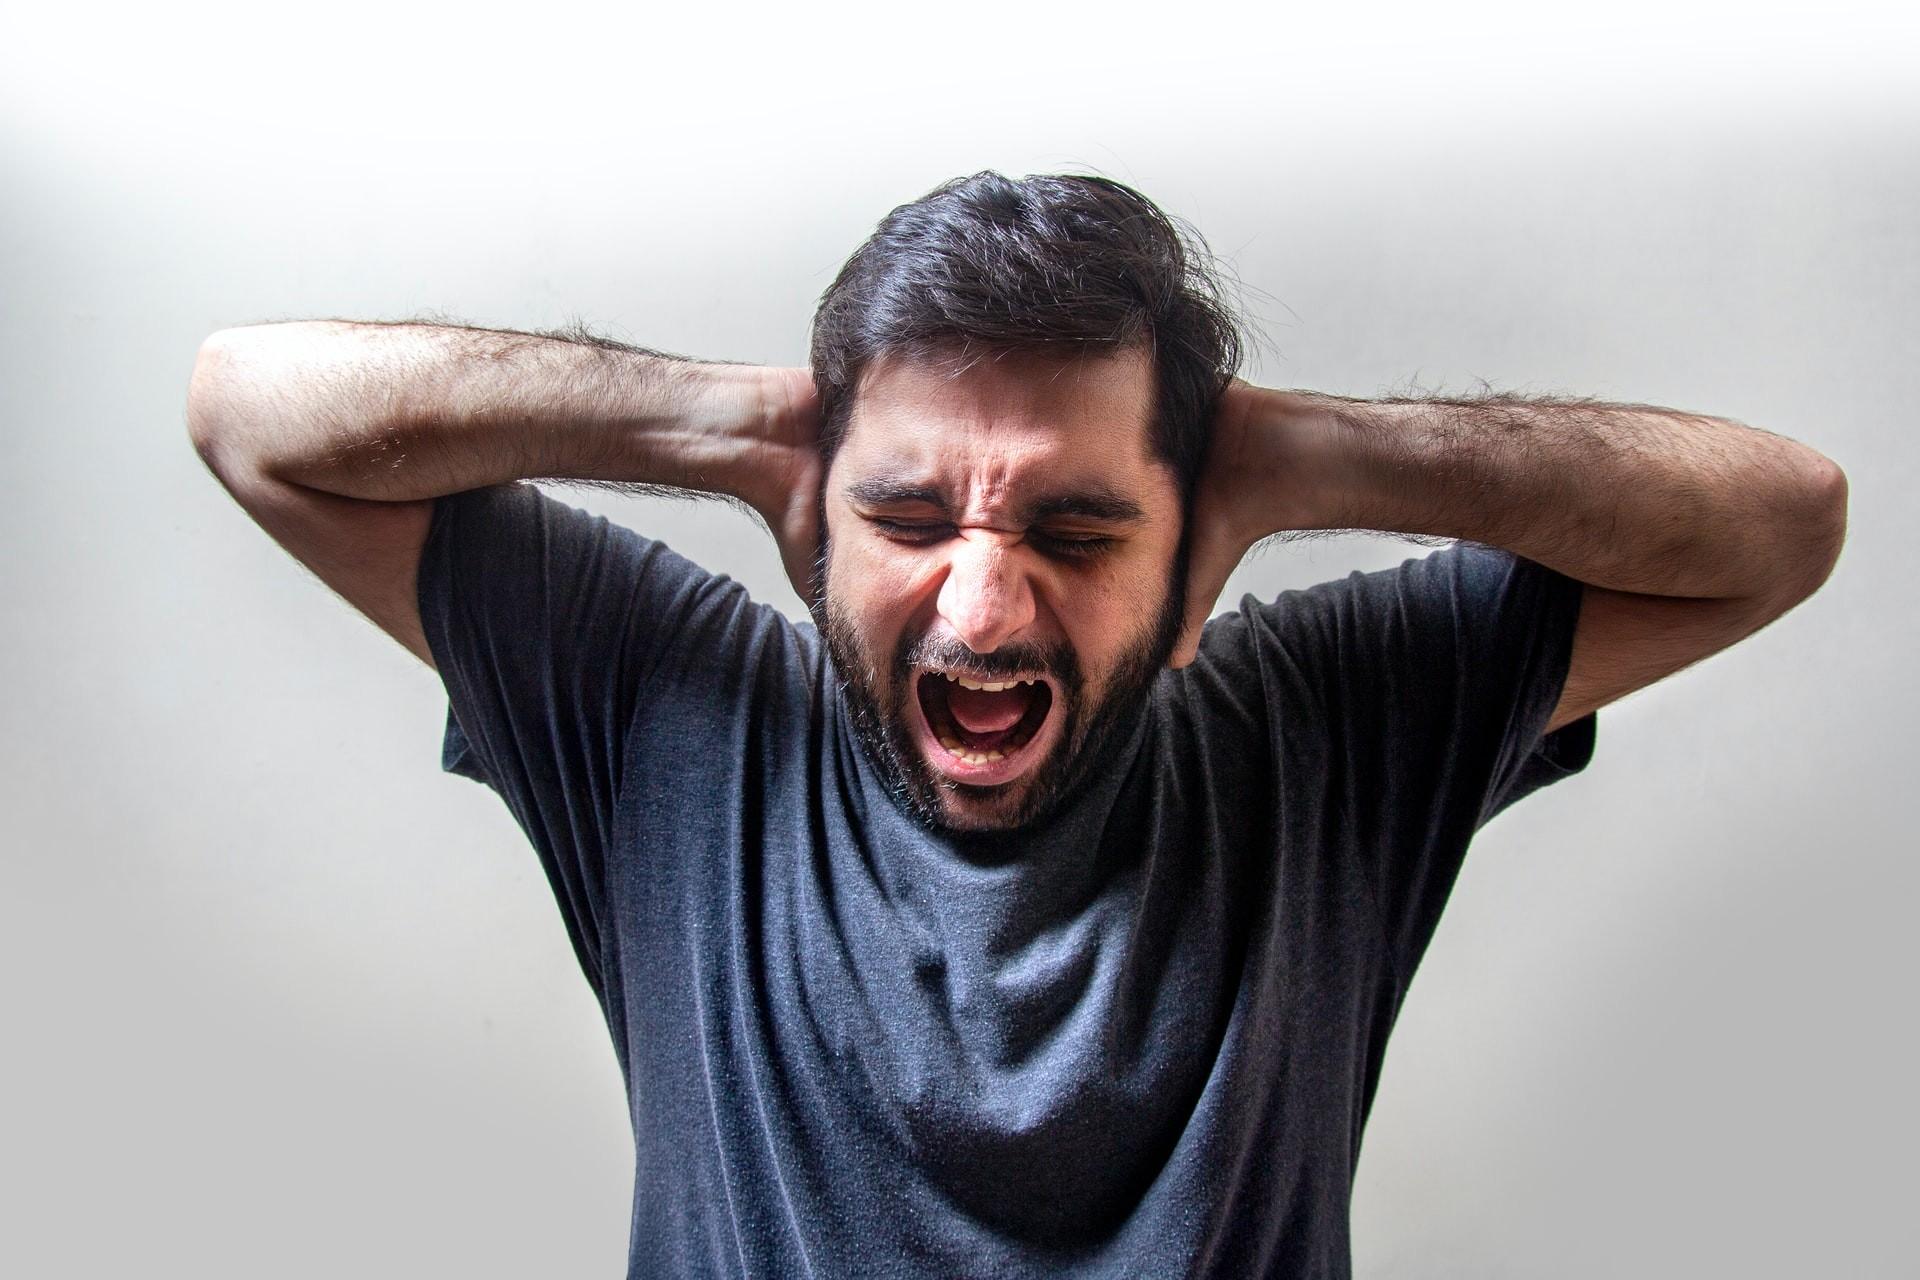 """Os zumbidos nos ouvidos podem ter piorado com quadros de """"Covid longa"""" (Foto: Usman Yousaf / Unsplash)"""